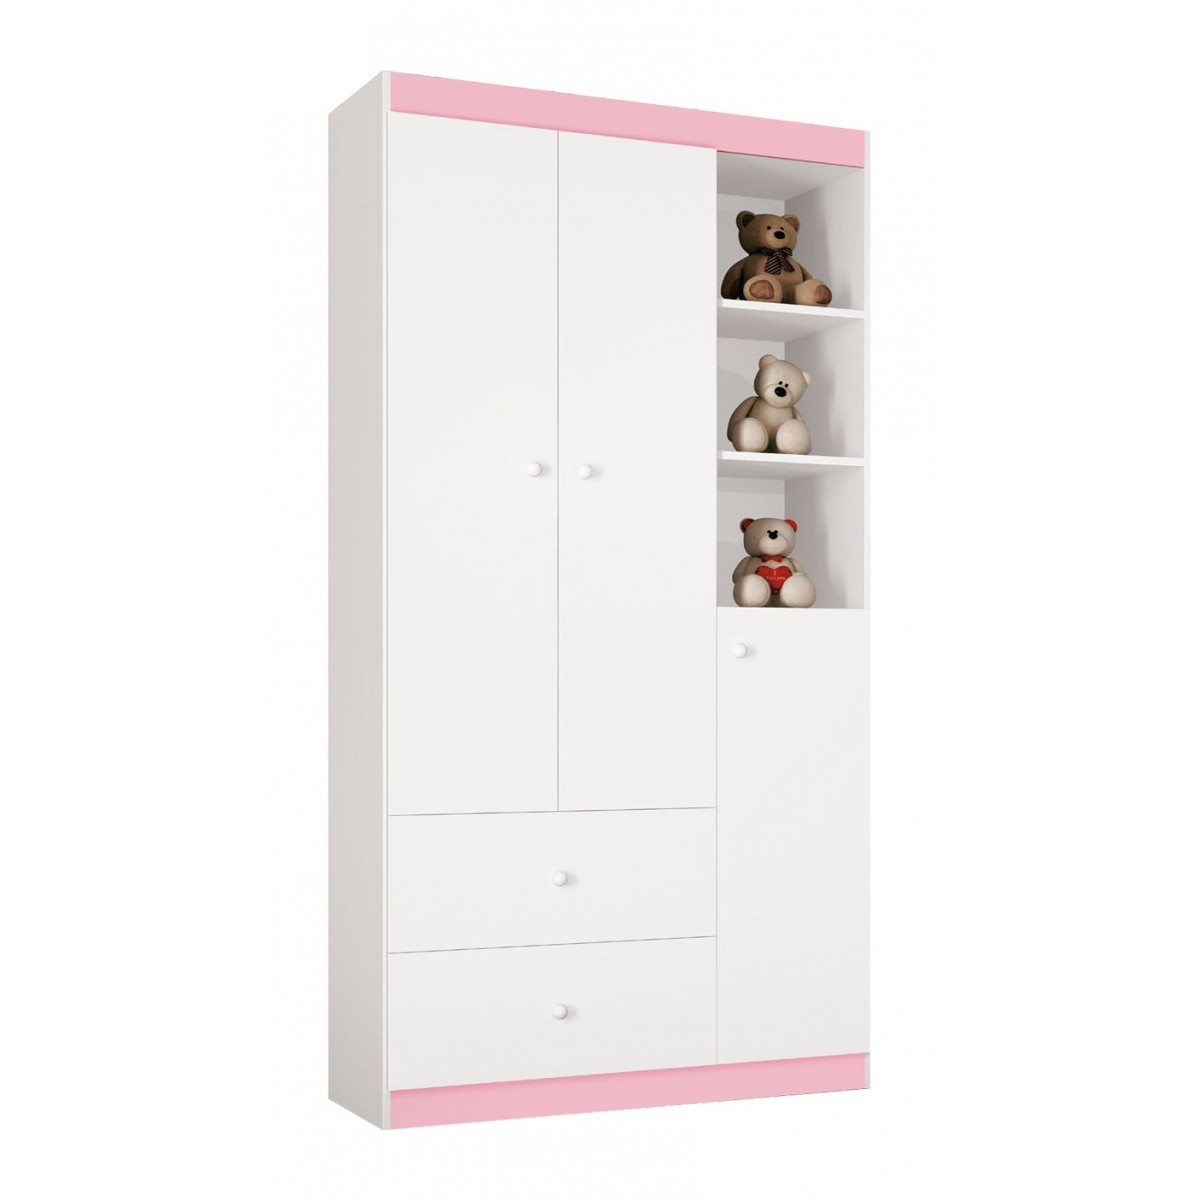 Guarda Roupa Encanto 3 Portas Branco com Rosa - Imaza Móveis